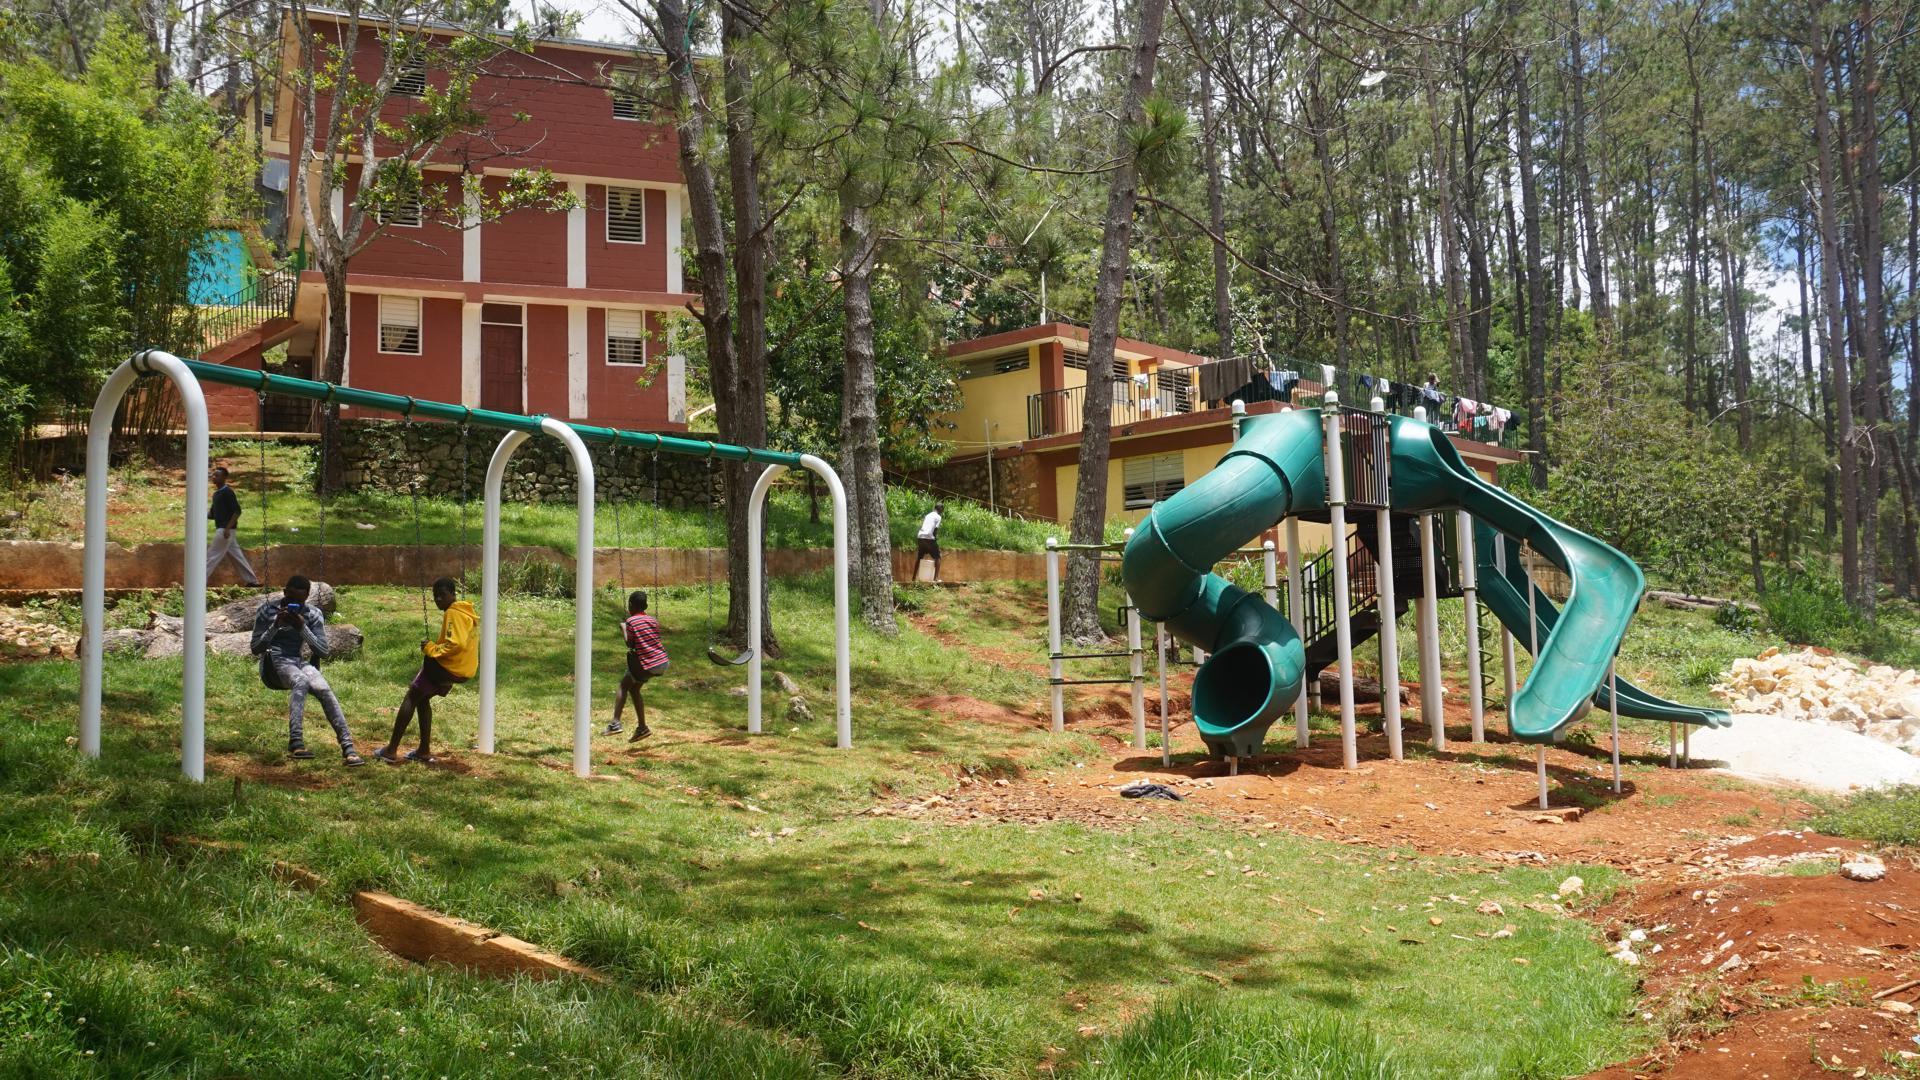 Das Kinderdorf St. Hélène bietet 350 Kindern ein liebevolles Zuhause. Neben Wohnhäusern für Mädchen und Jungs hat es unter anderem einen Kindergarten, eine Grund- und Mittelschule sowie Spiel- und Sportplätze.